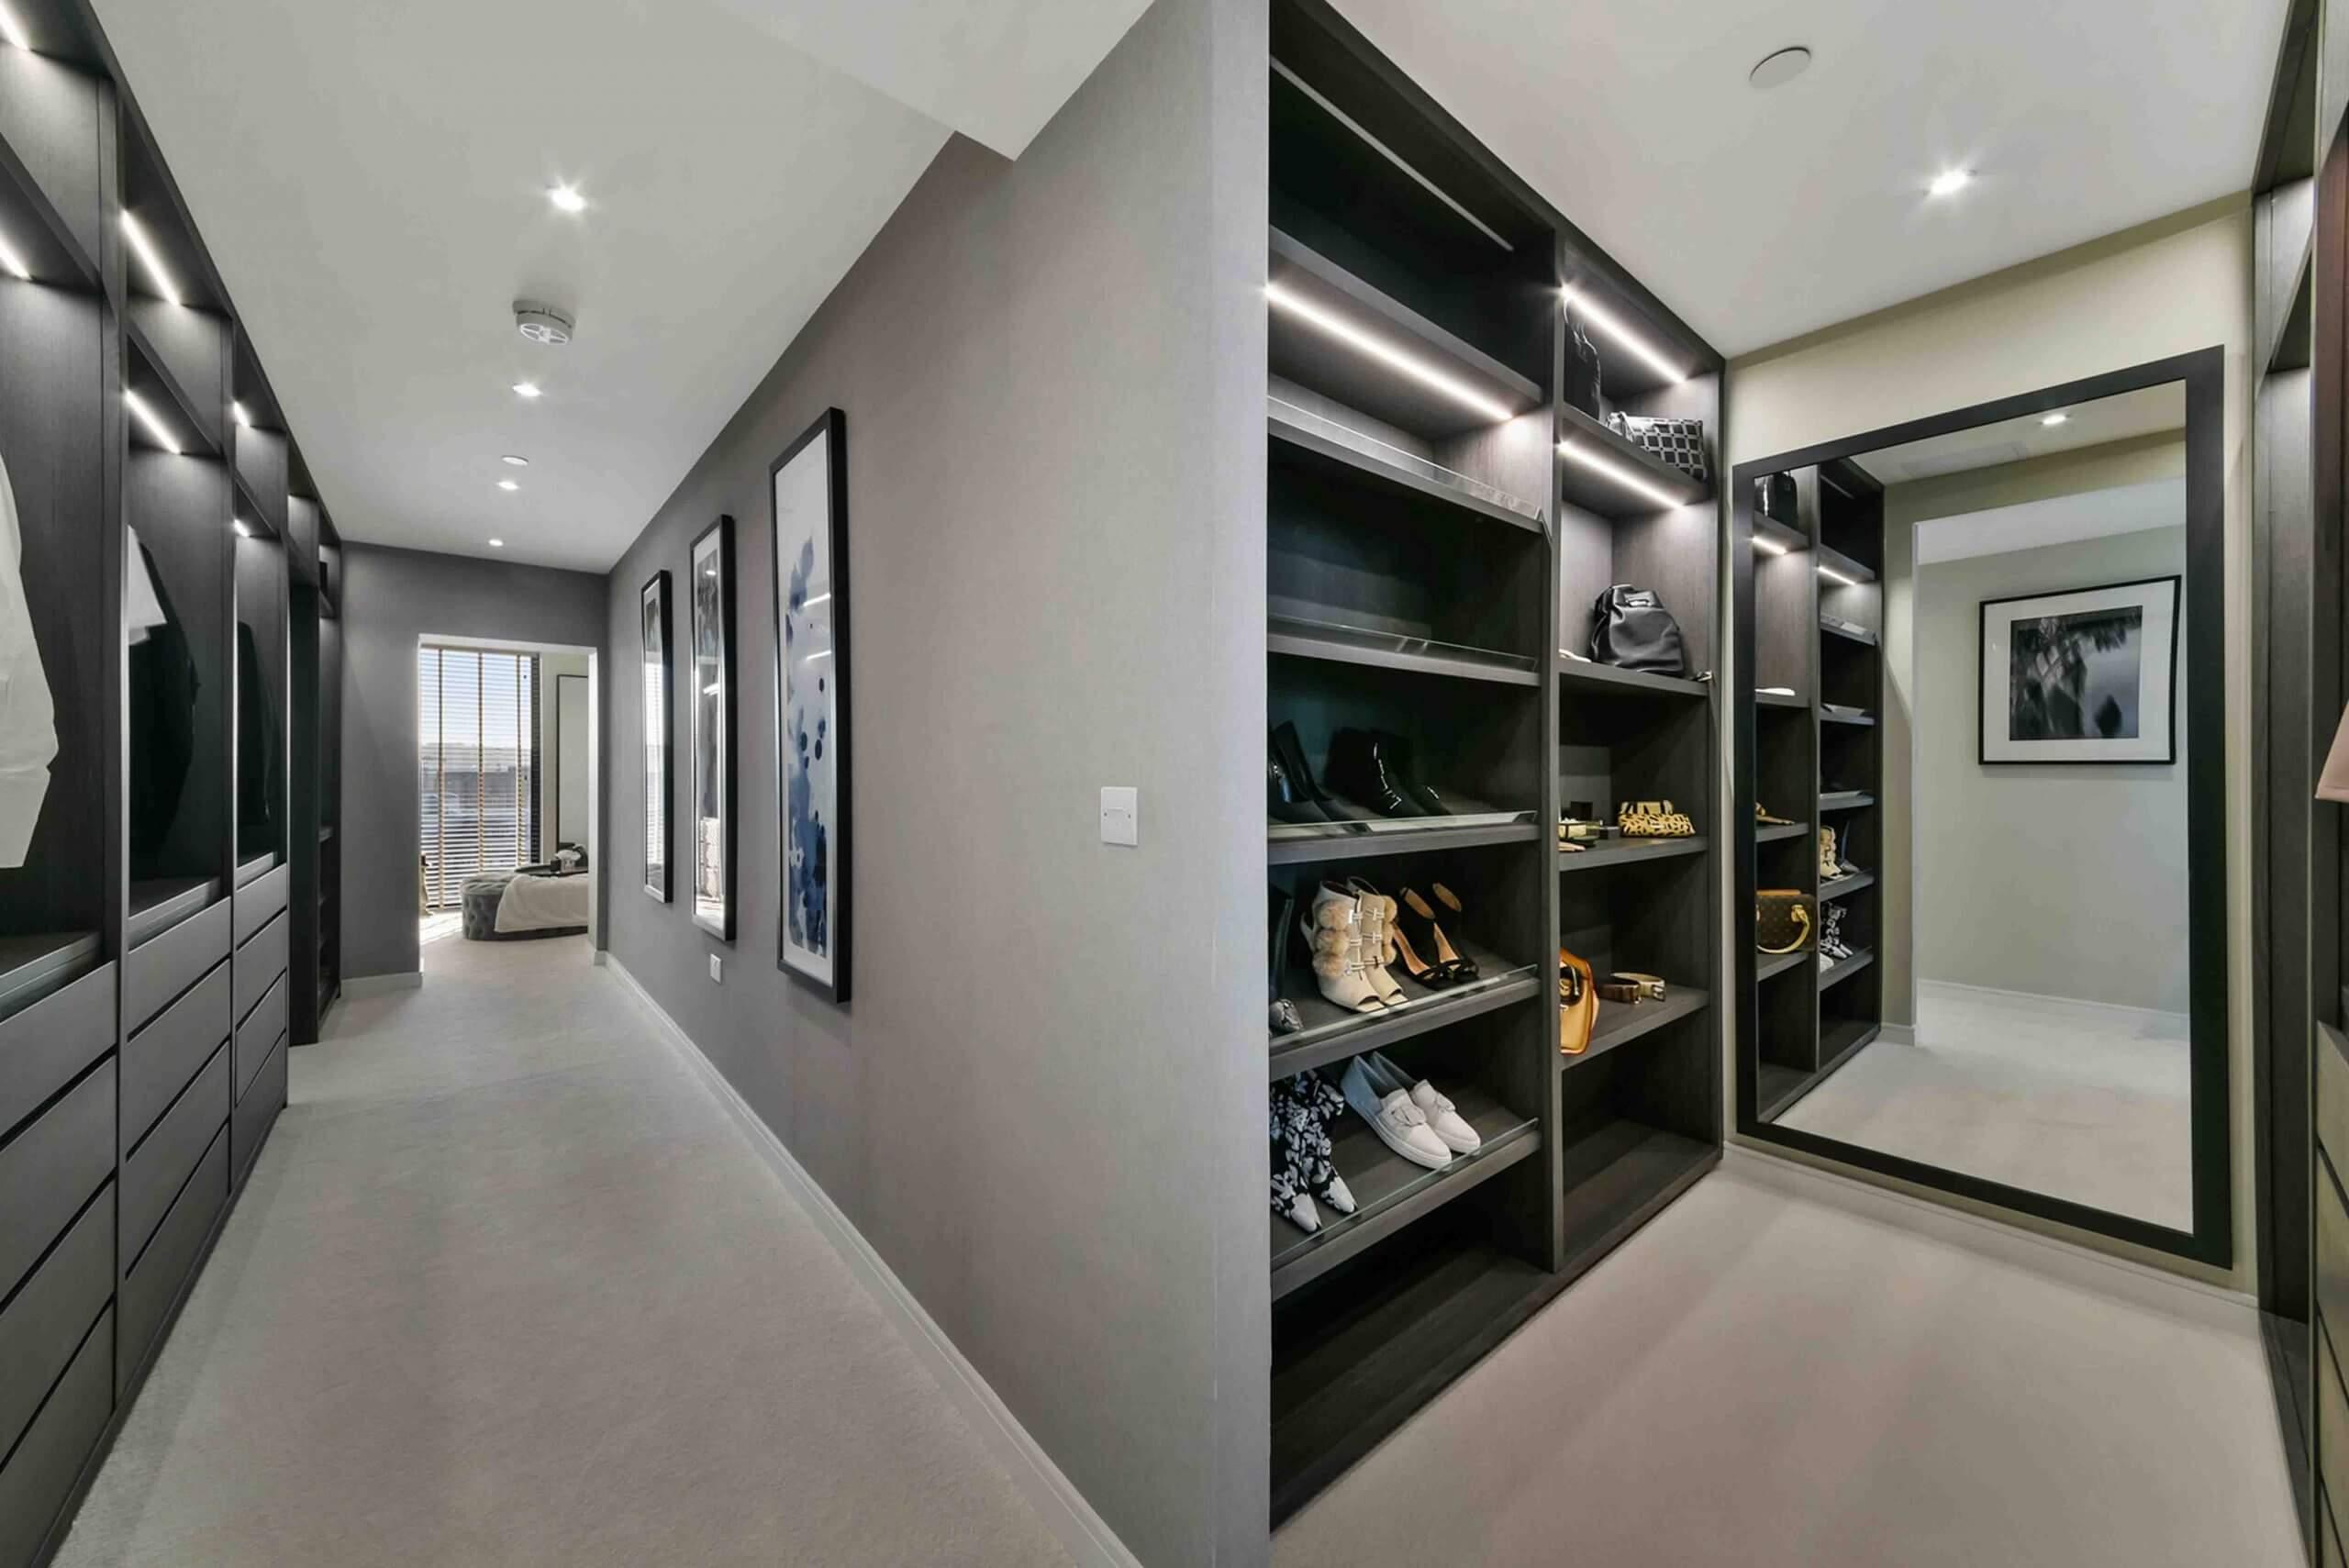 CALLIS YARD penthouse closet area